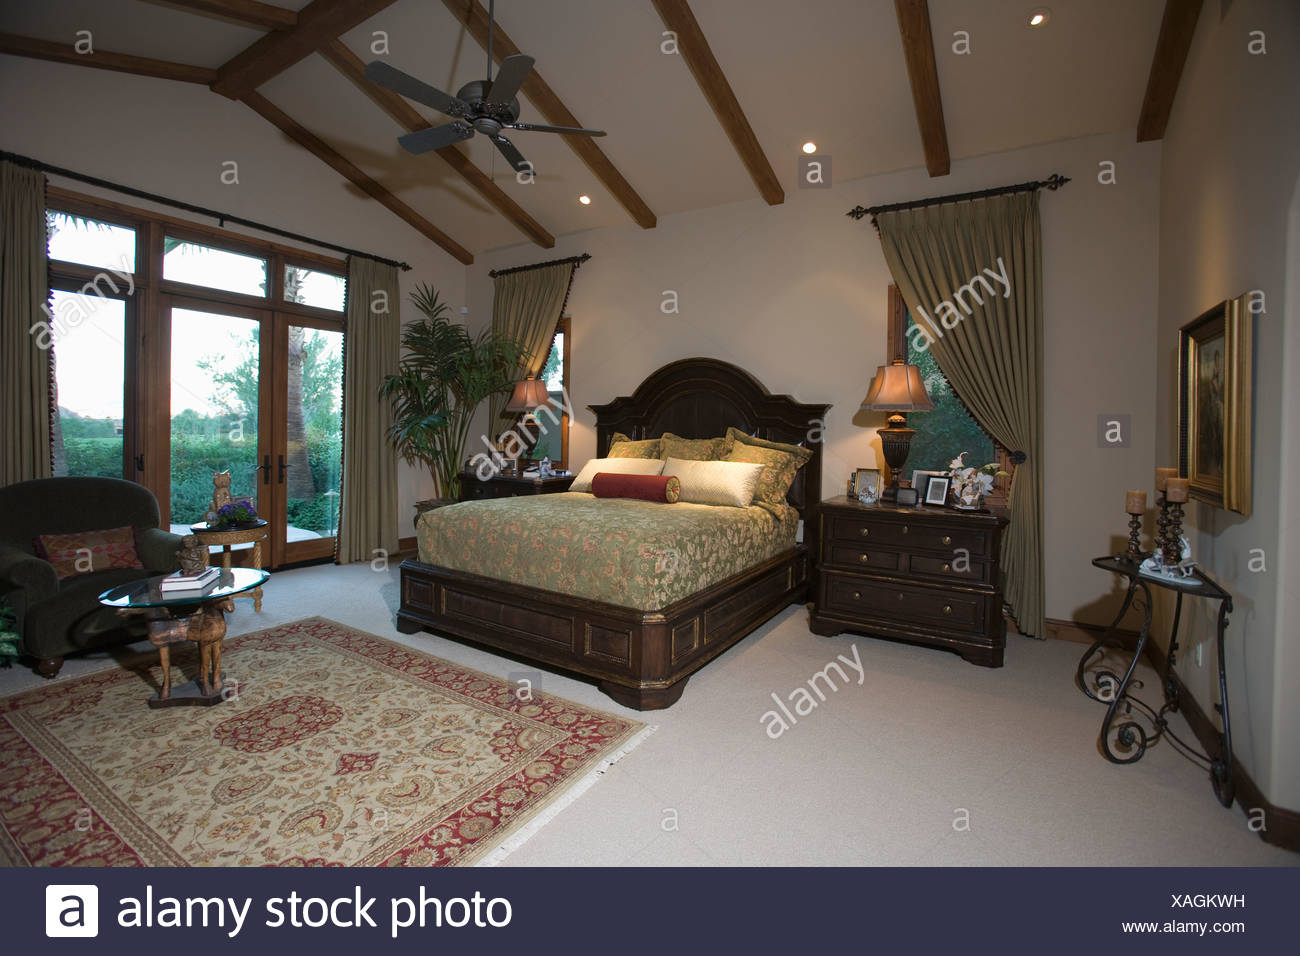 schlafzimmer decke. Black Bedroom Furniture Sets. Home Design Ideas